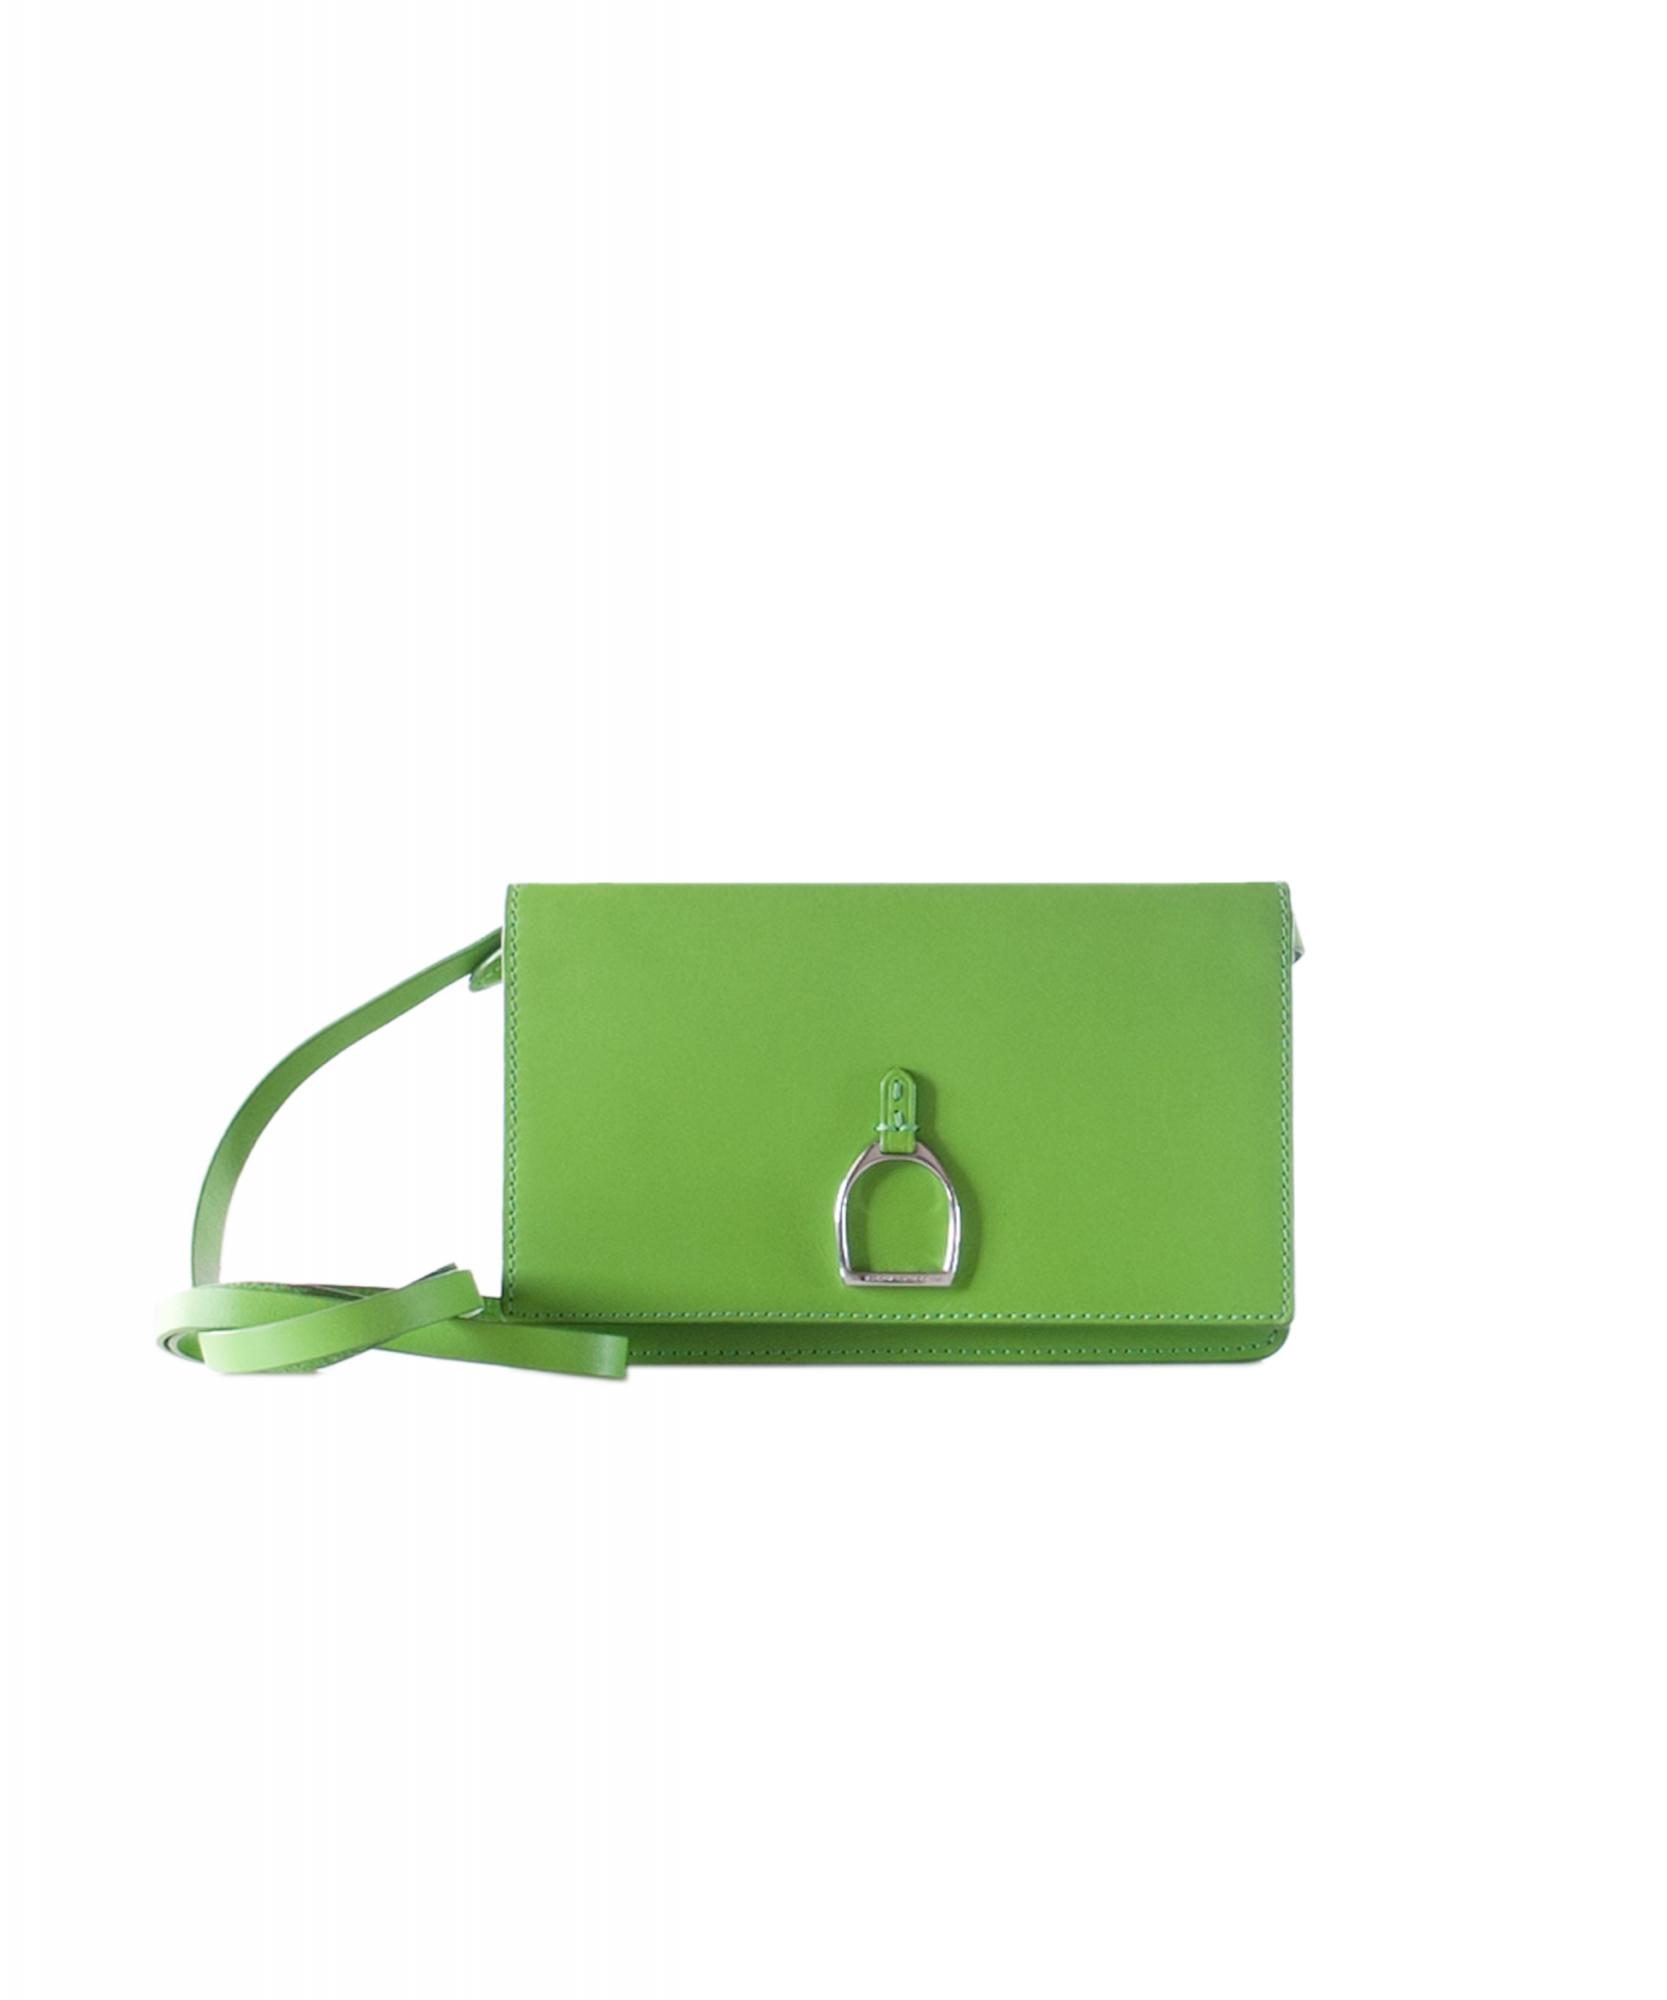 Ralph Lauren Green Vachetta Stirrup Crossbody Bag  fde5672f16ed6